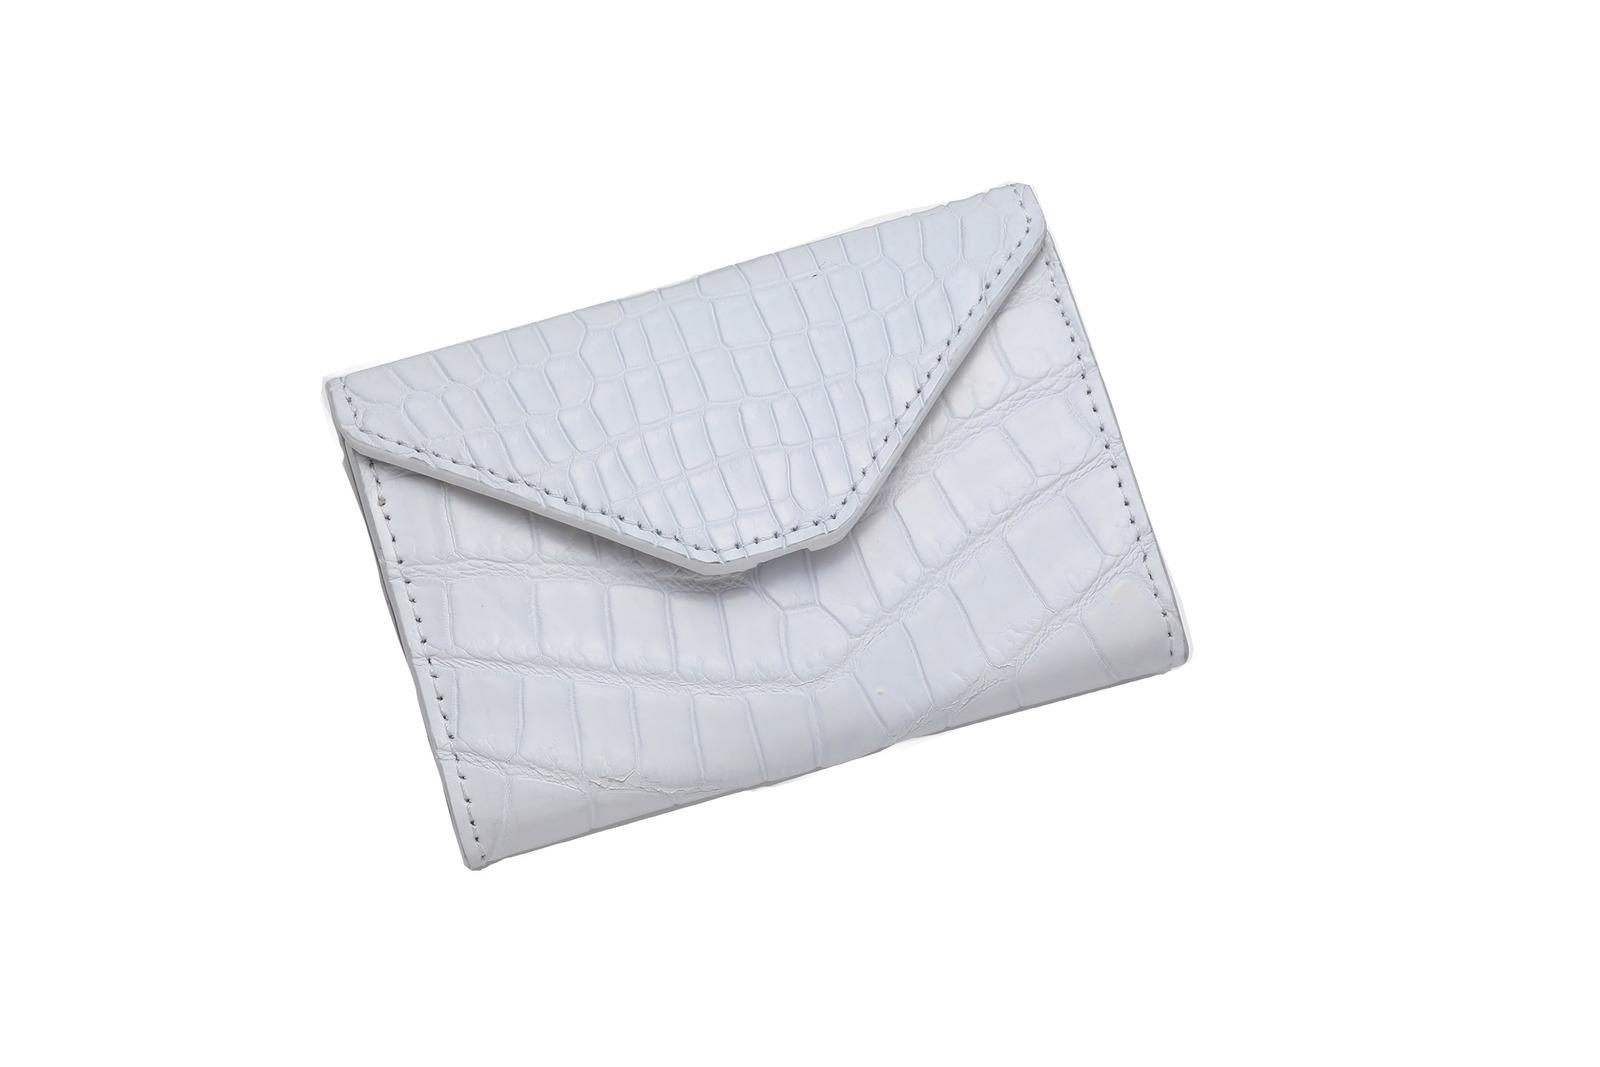 ホワイト 山本製鞄 / クロコダイル コインケース【送料無料】